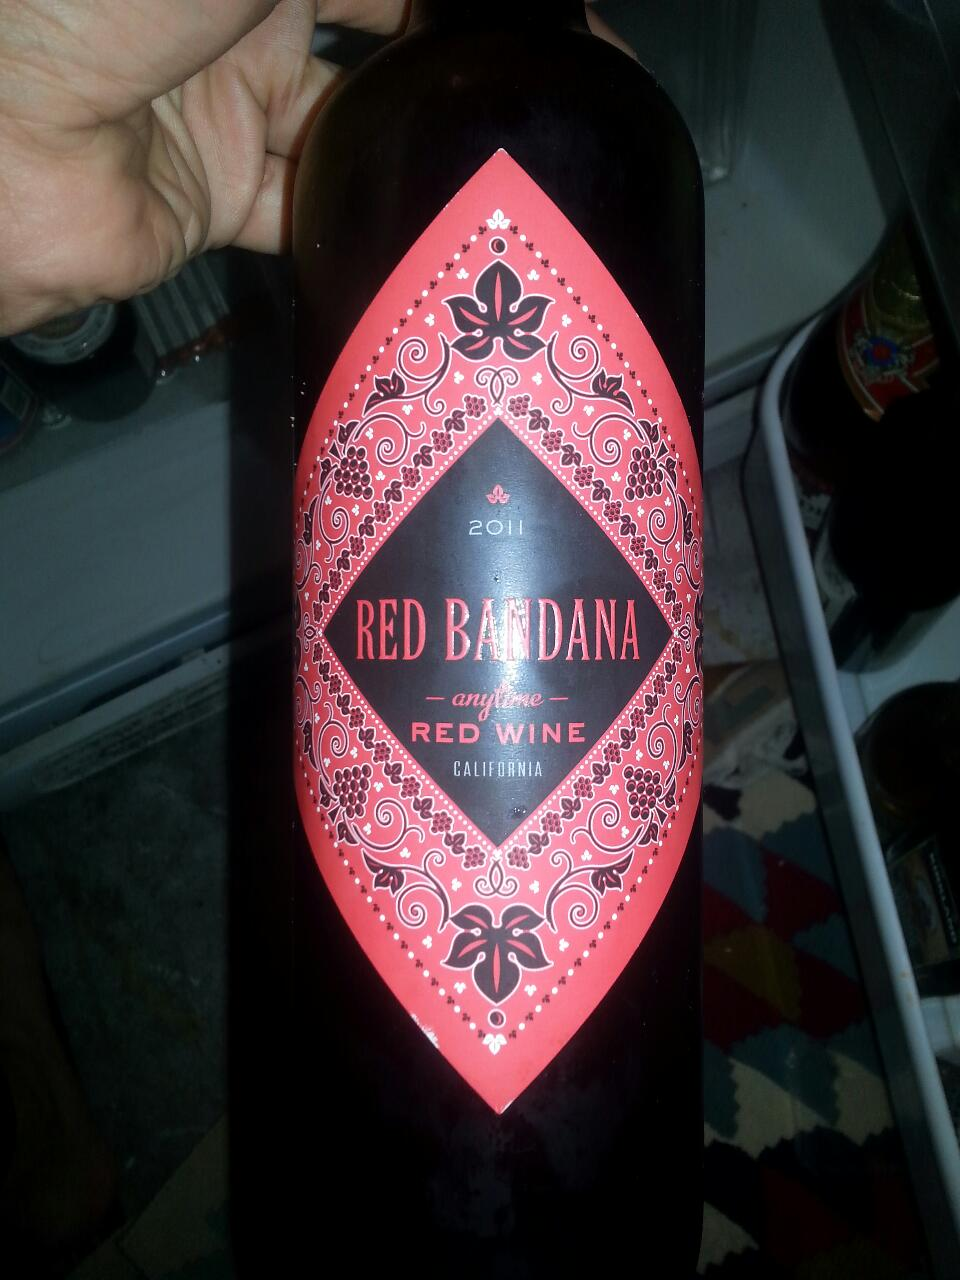 Red Bandana California Red 1980 Wine Info